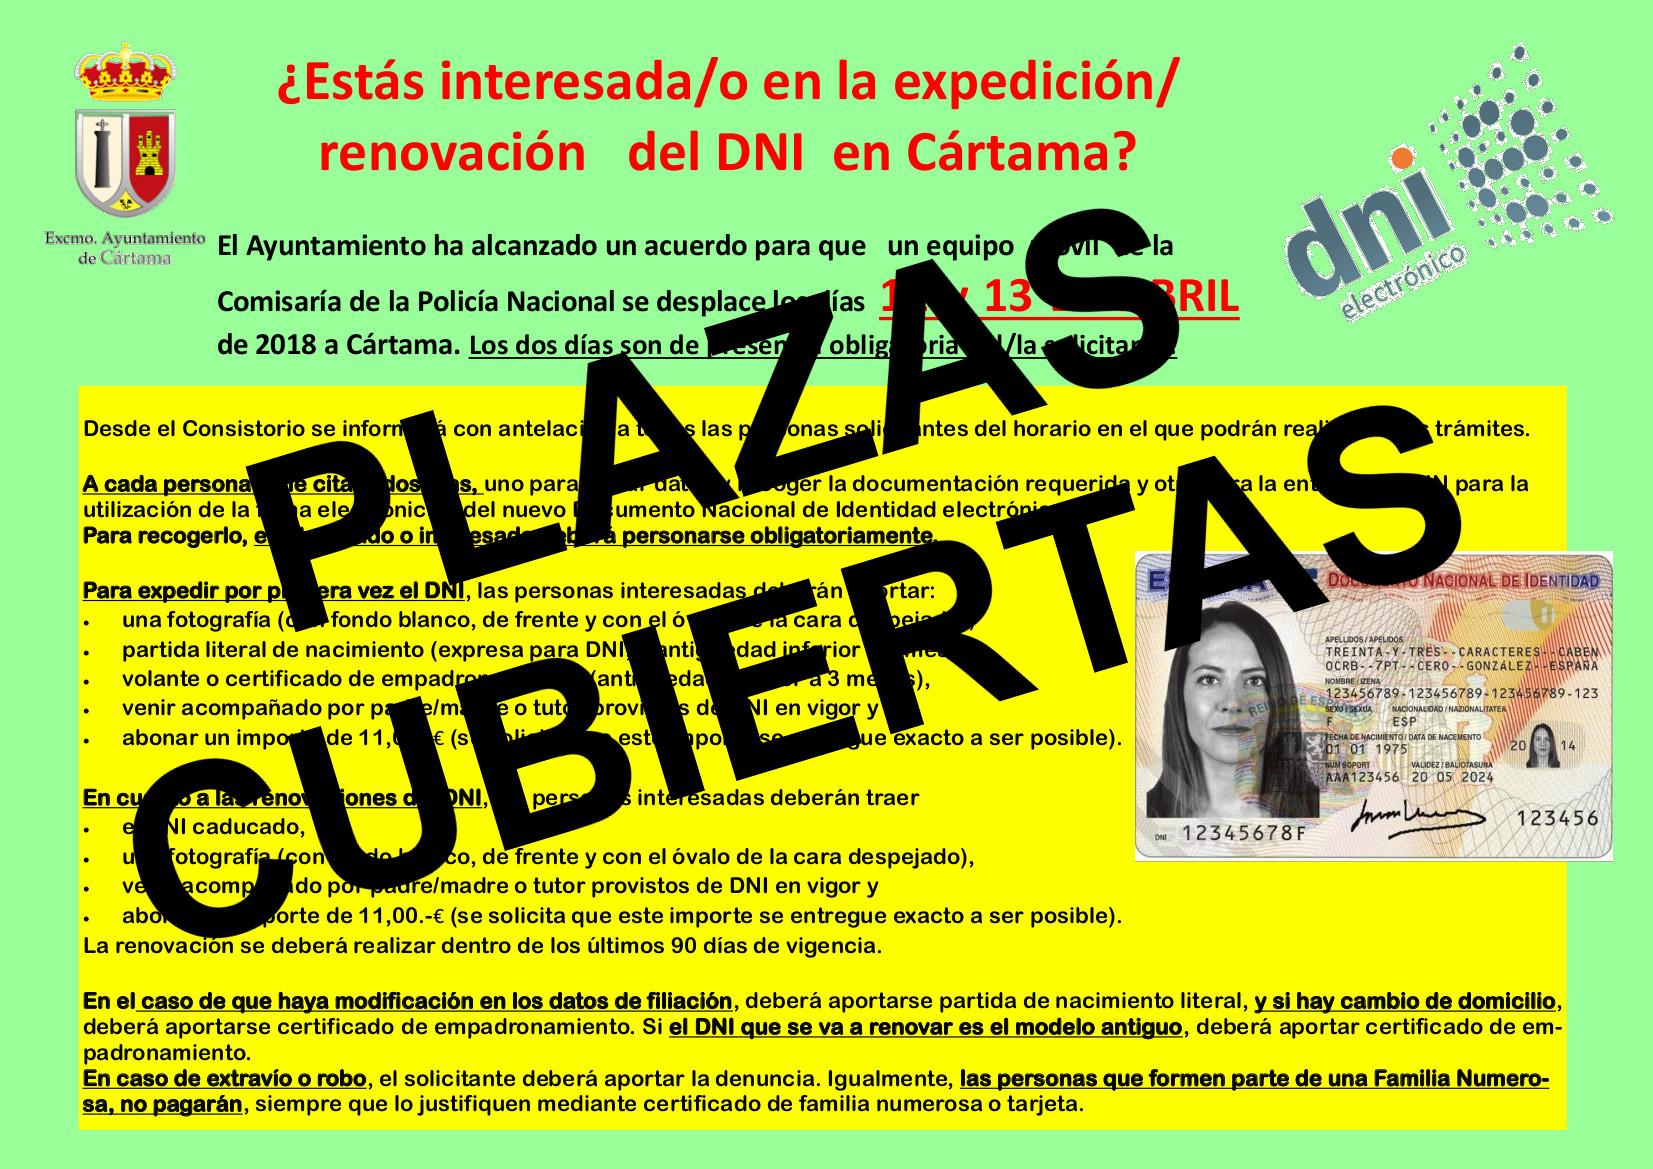 renovacion-dni-cartel-abril-2018-plazas-cubiertas